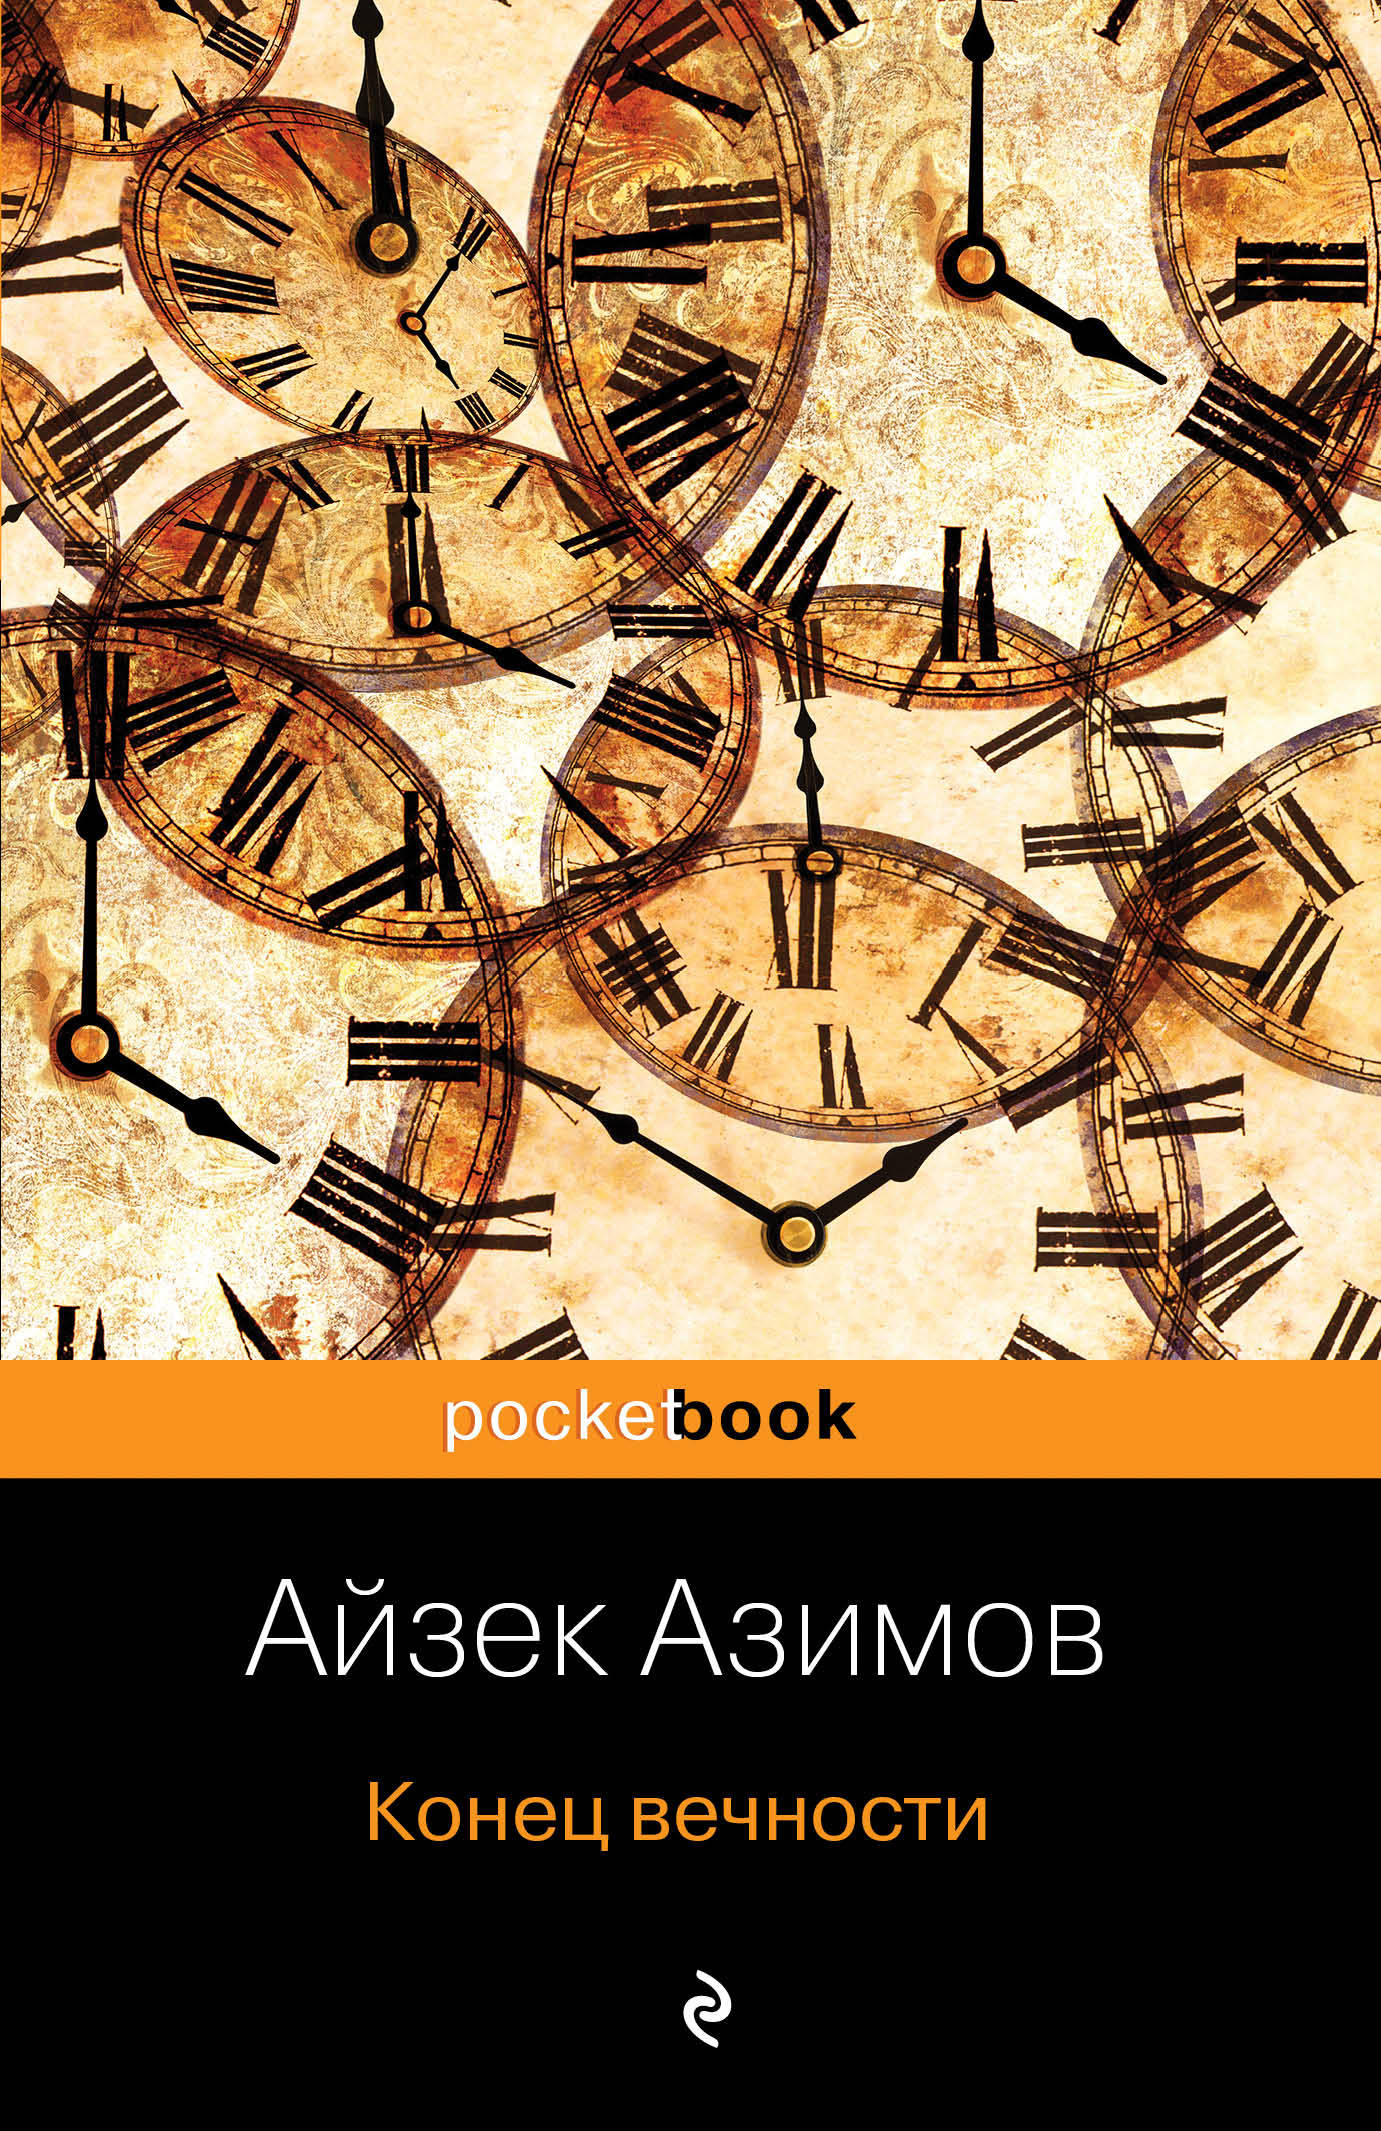 Айзек Азимов Конец вечности айзек азимов библиотека современной фантастики том 9 конец вечности